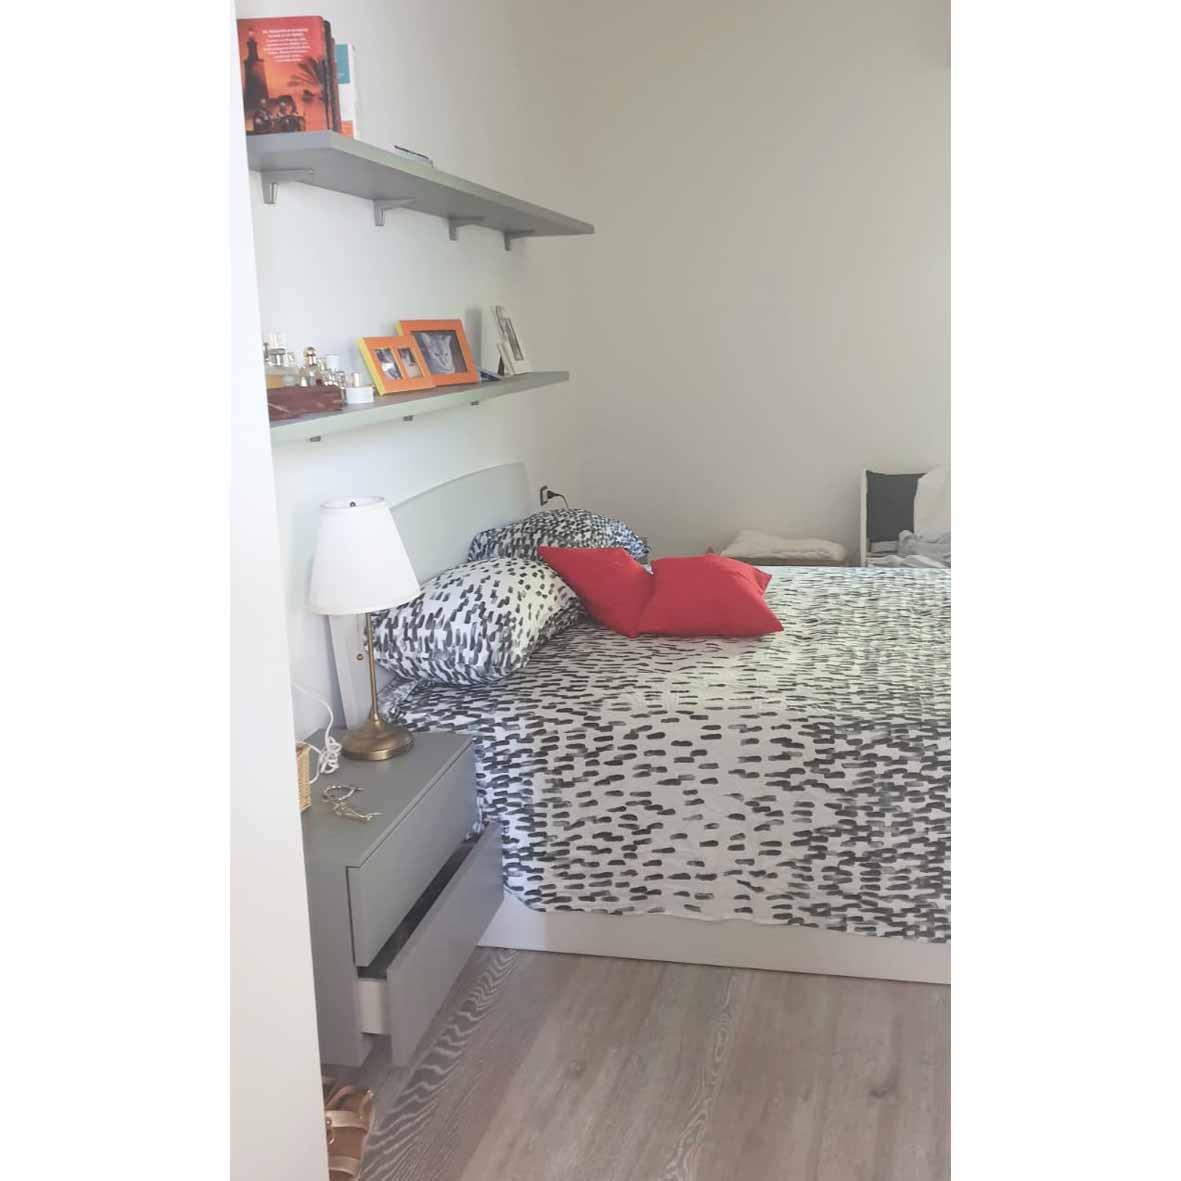 centro dell'arredamento-savona-letto-comodino-camera matrimoniale-cinquanta3